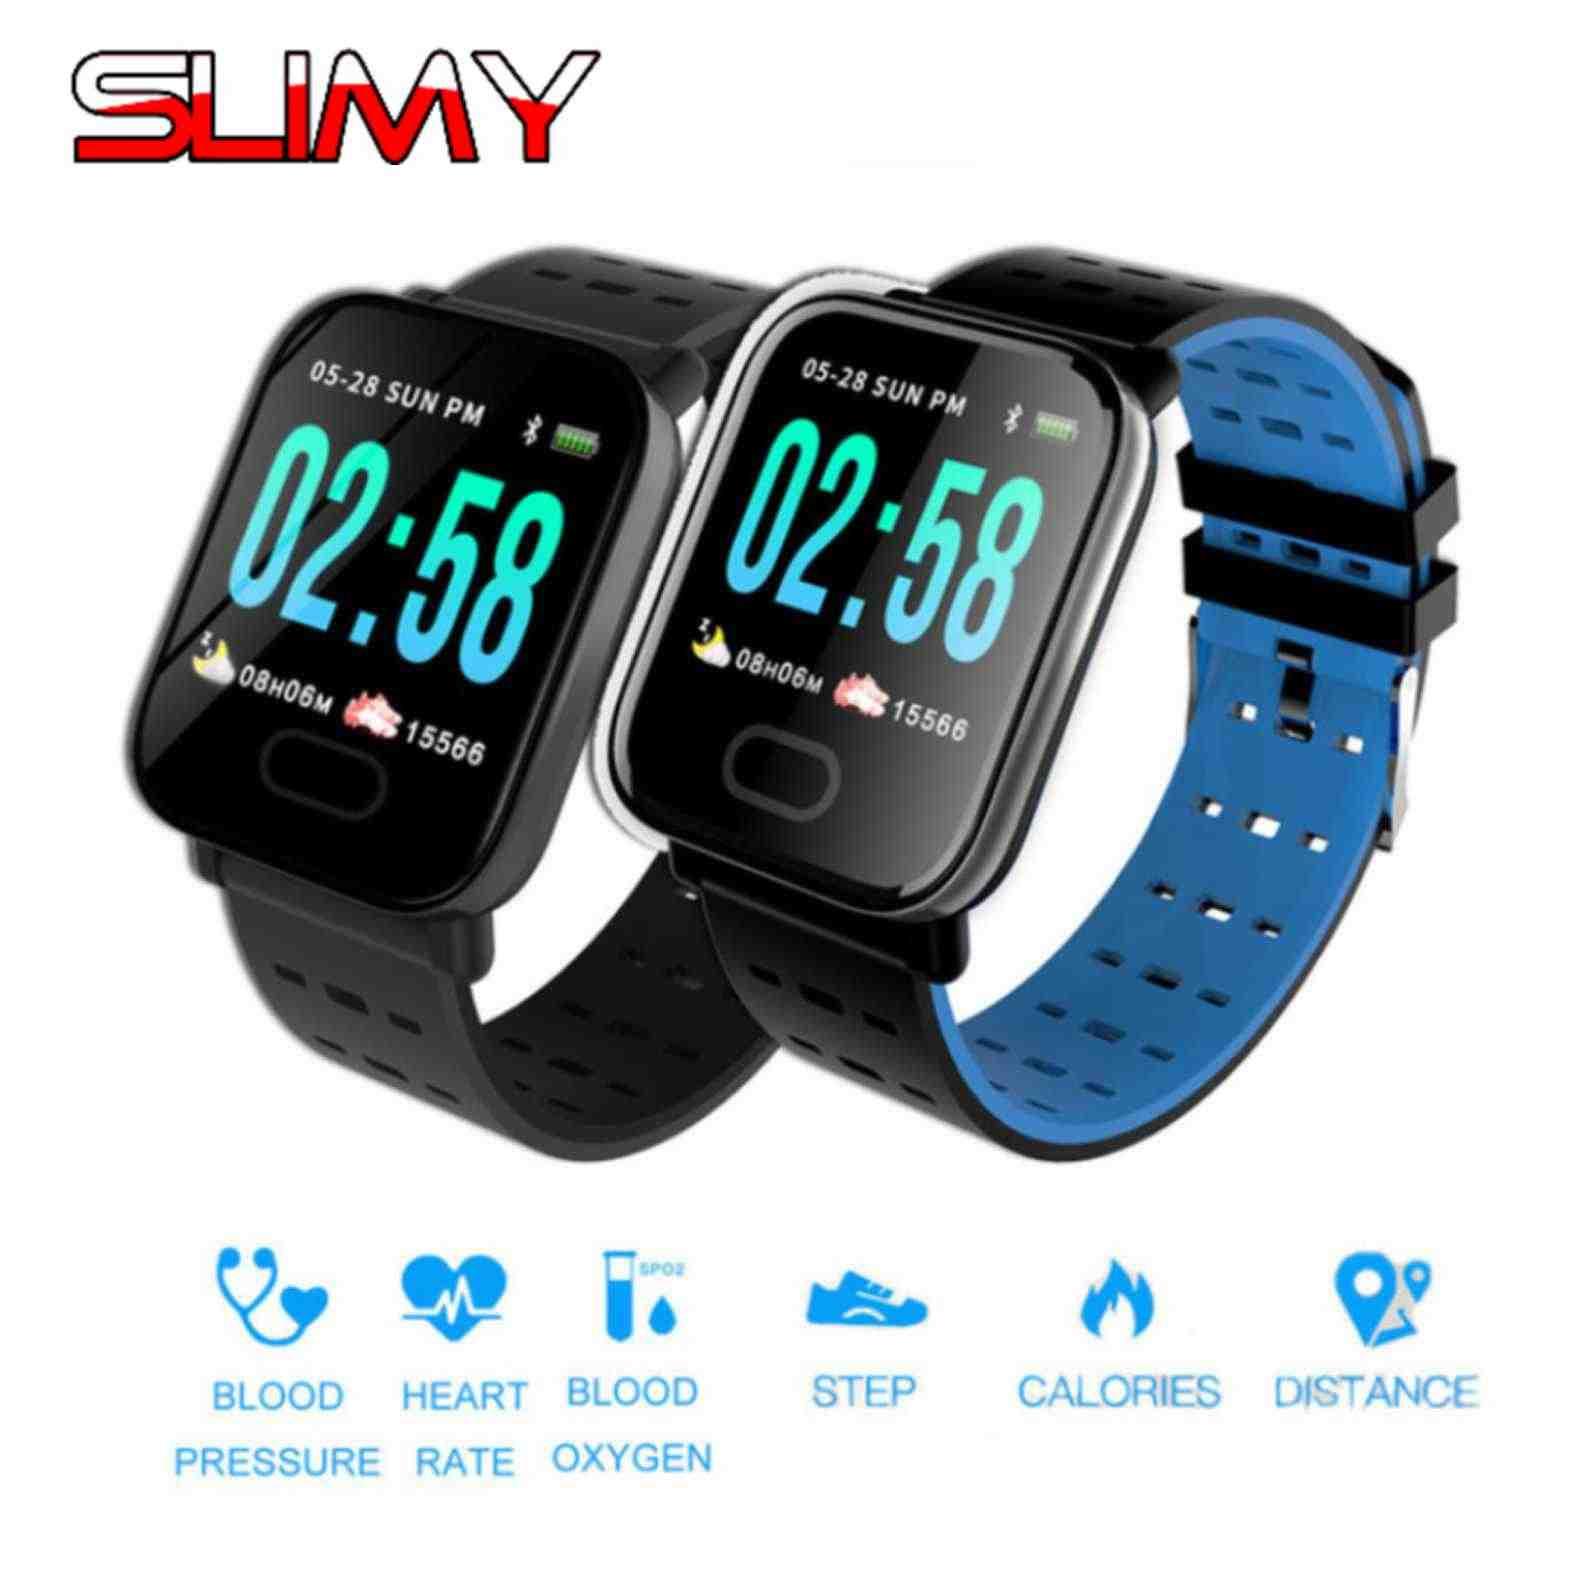 Viscoso a6 pressão arterial relógio inteligente tela colorida fitness atividade rastreador monitor de freqüência cardíaca esportes smartwatch à prova dpk água pk q8